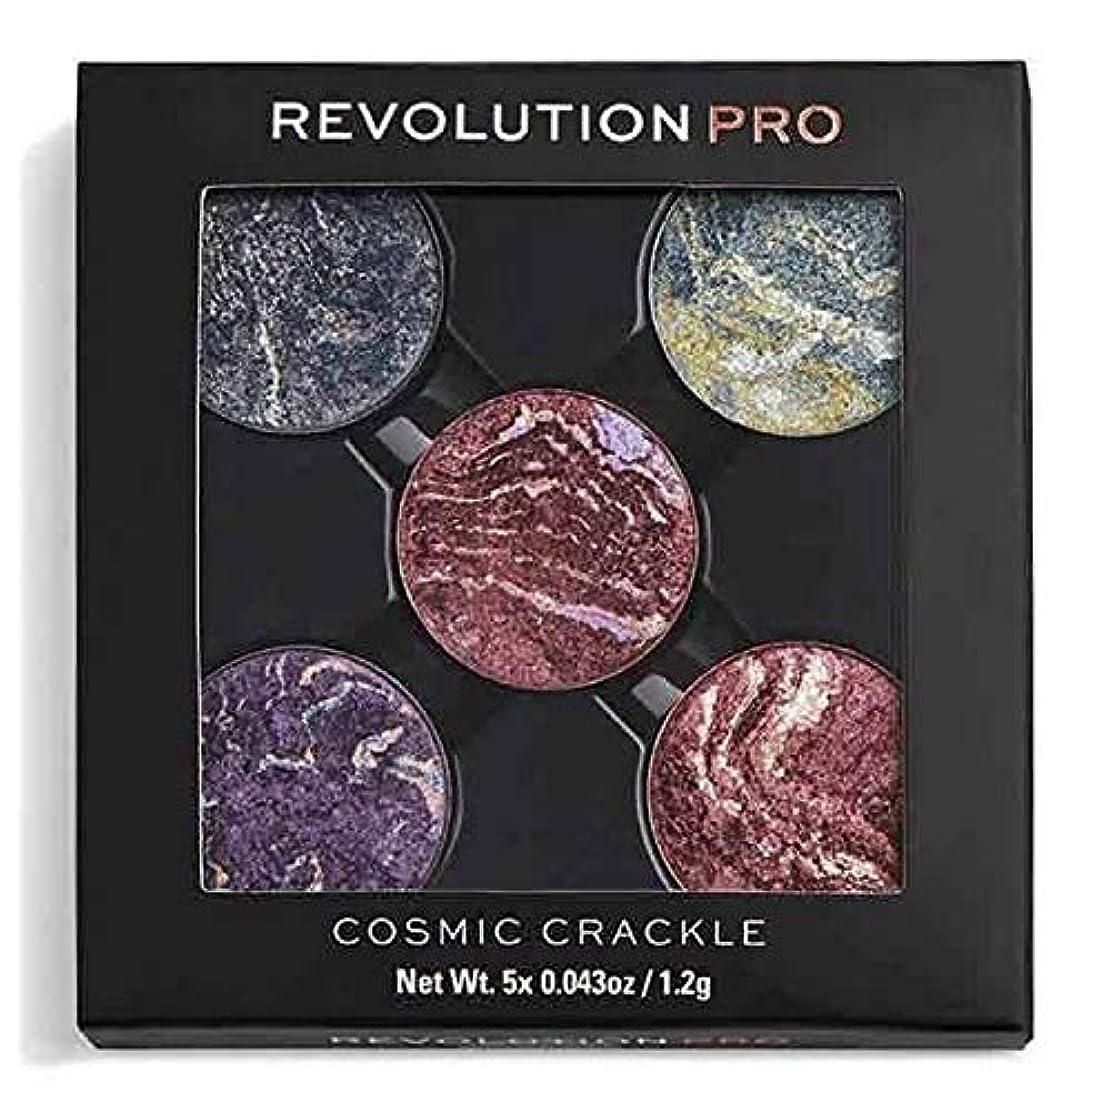 あからさま無駄信頼[Revolution ] 革命プロリフィルアイシャドウは、宇宙クラックルをパック - Revolution Pro Refill Eyeshadow Pack Cosmic Crackle [並行輸入品]